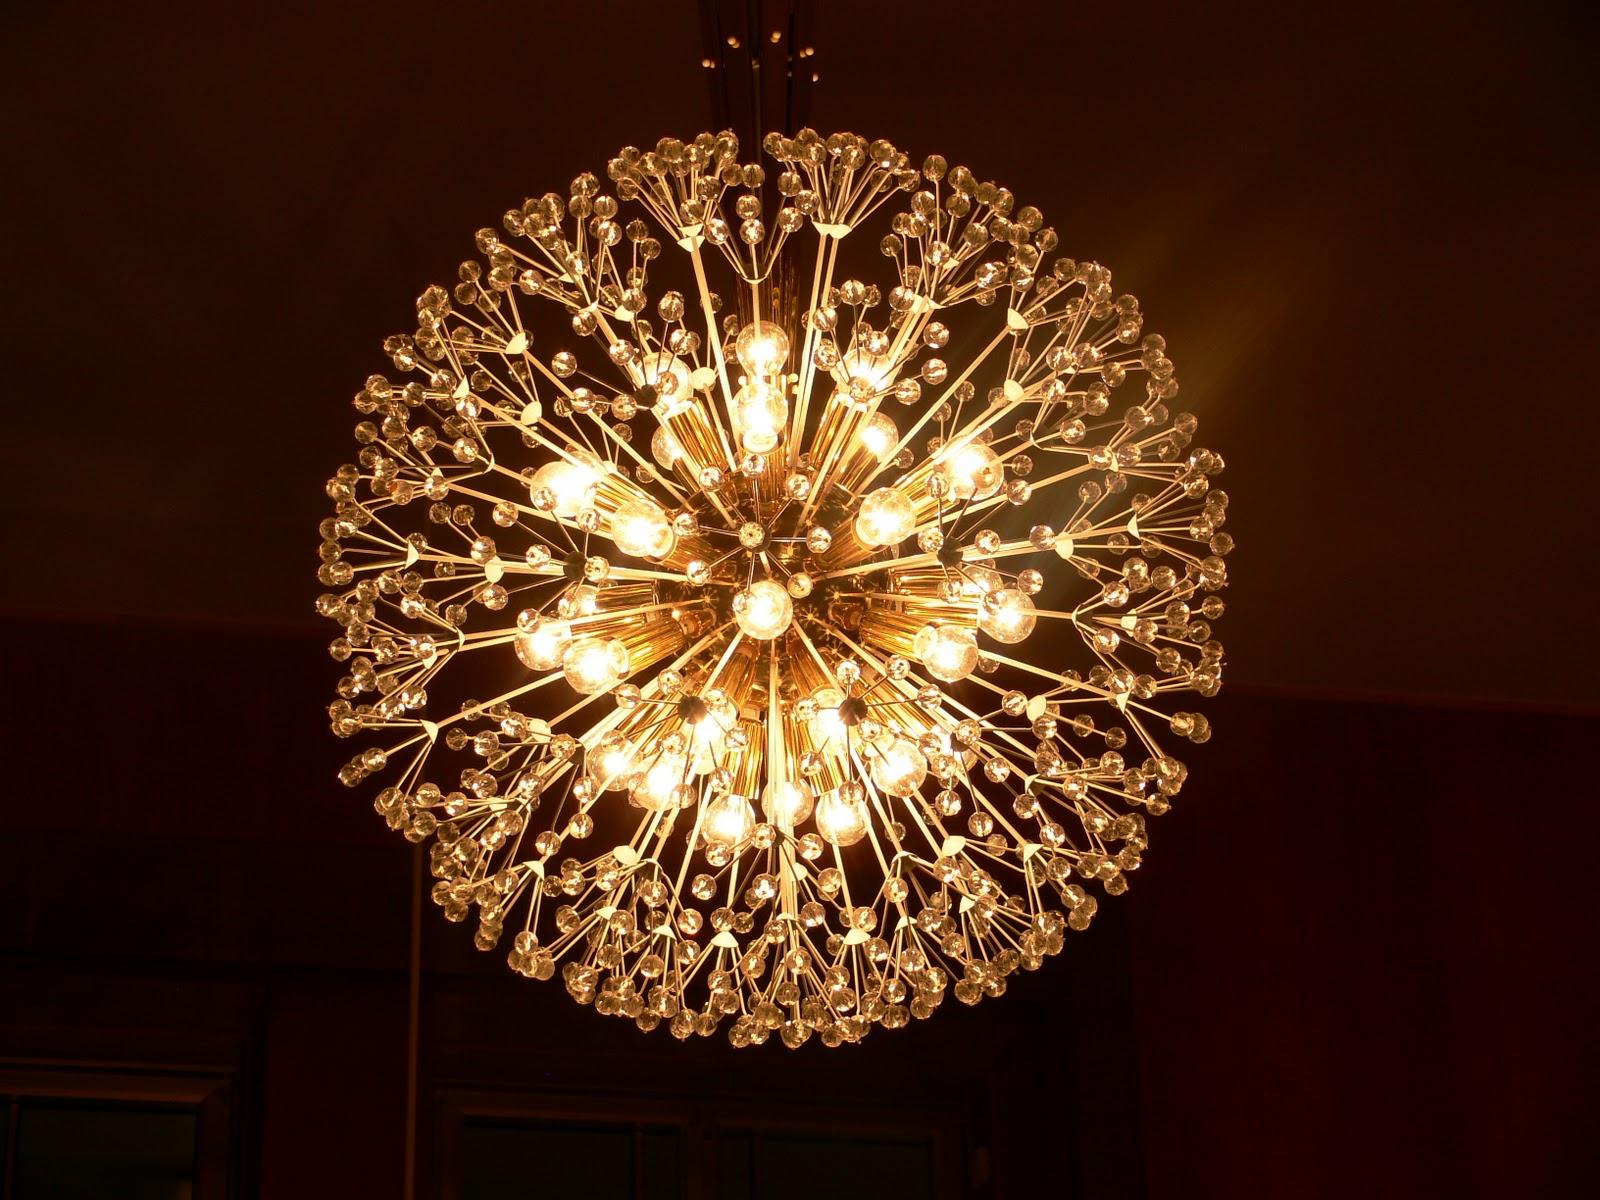 Hartz IV Mbel 100 Sec Lamp